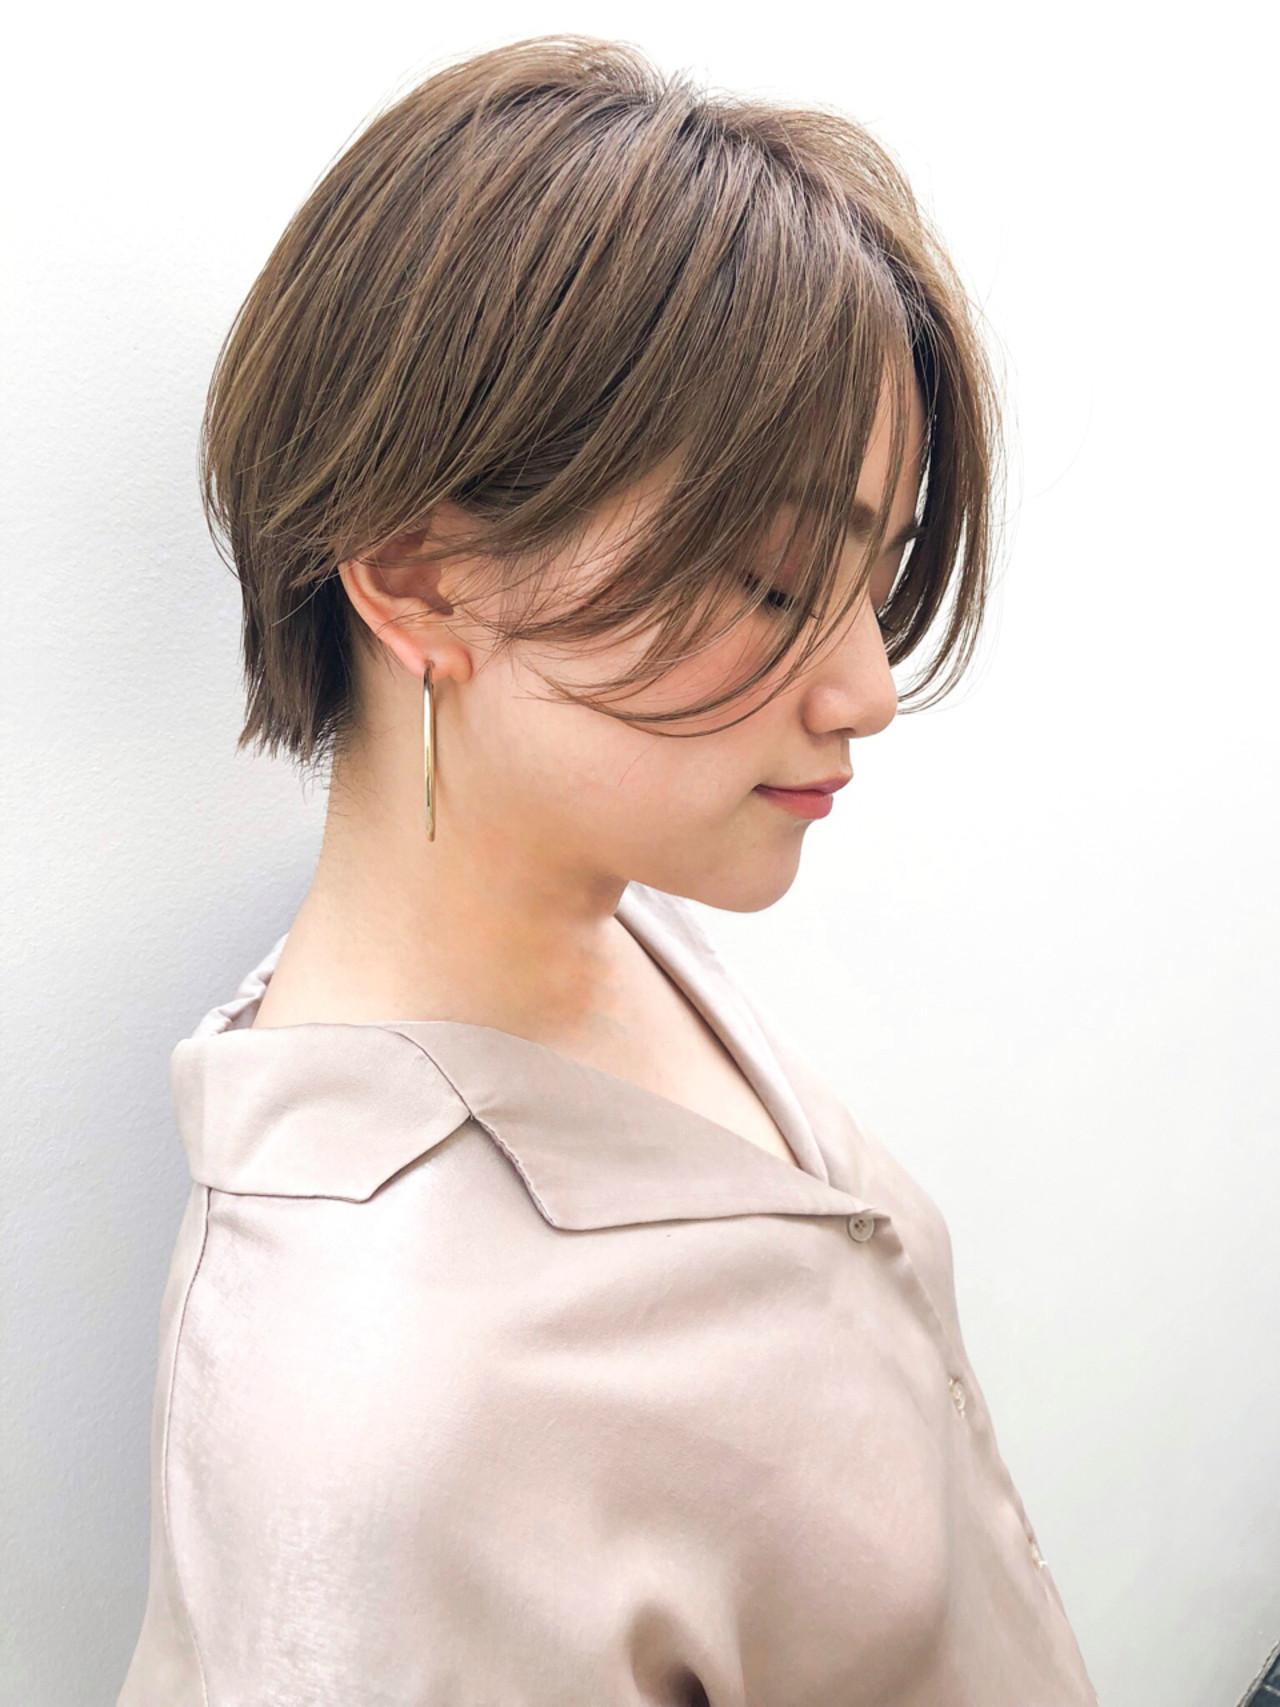 ショート 前髪なし 小顔 ウェットヘアヘアスタイルや髪型の写真・画像